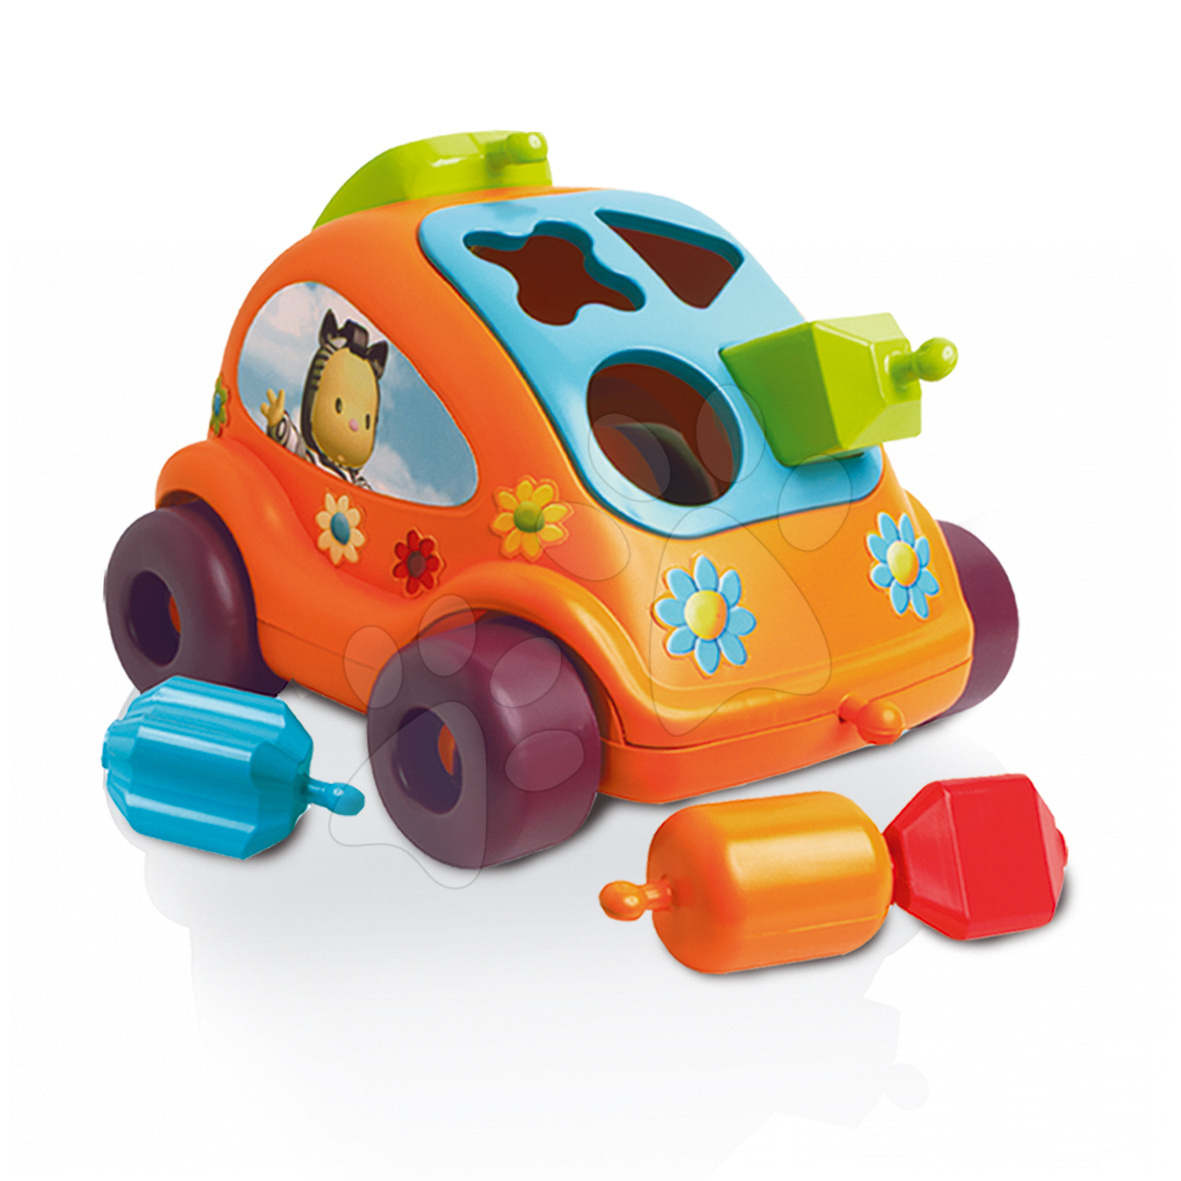 Vývoj motoriky - Vkládací autíčko Cotoons brouček Smoby s kostkami oranžové od 12 měsíců